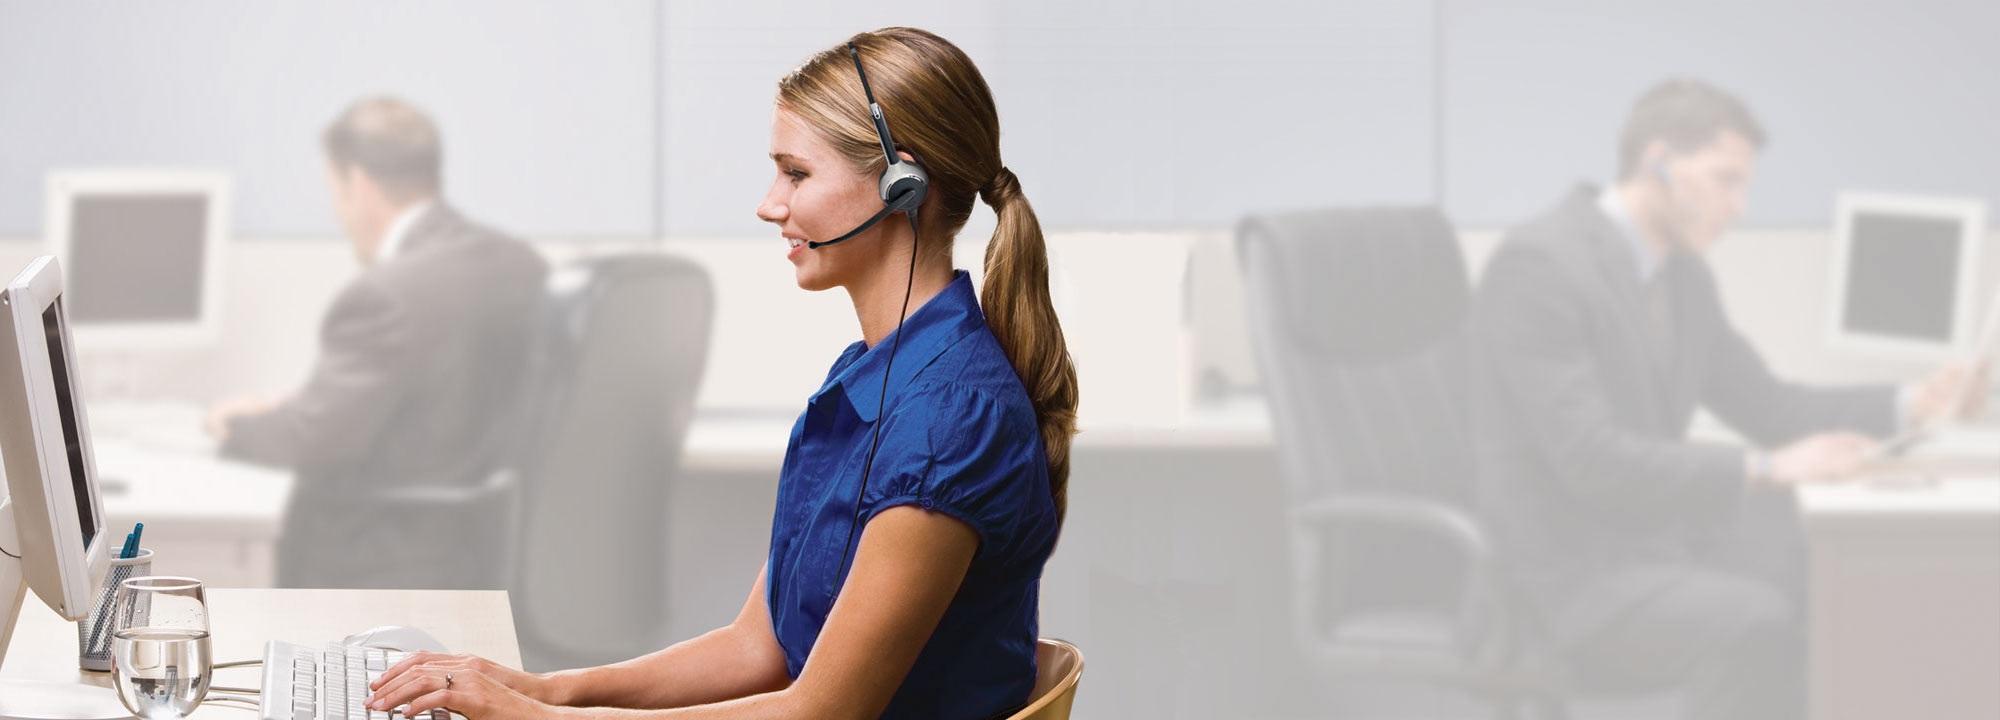 Profi-Headset, Callcenter-Headset, Tel-Headset, Headset kabelgebunden, Office Headset, Headset schnurgebunden, Business Headset